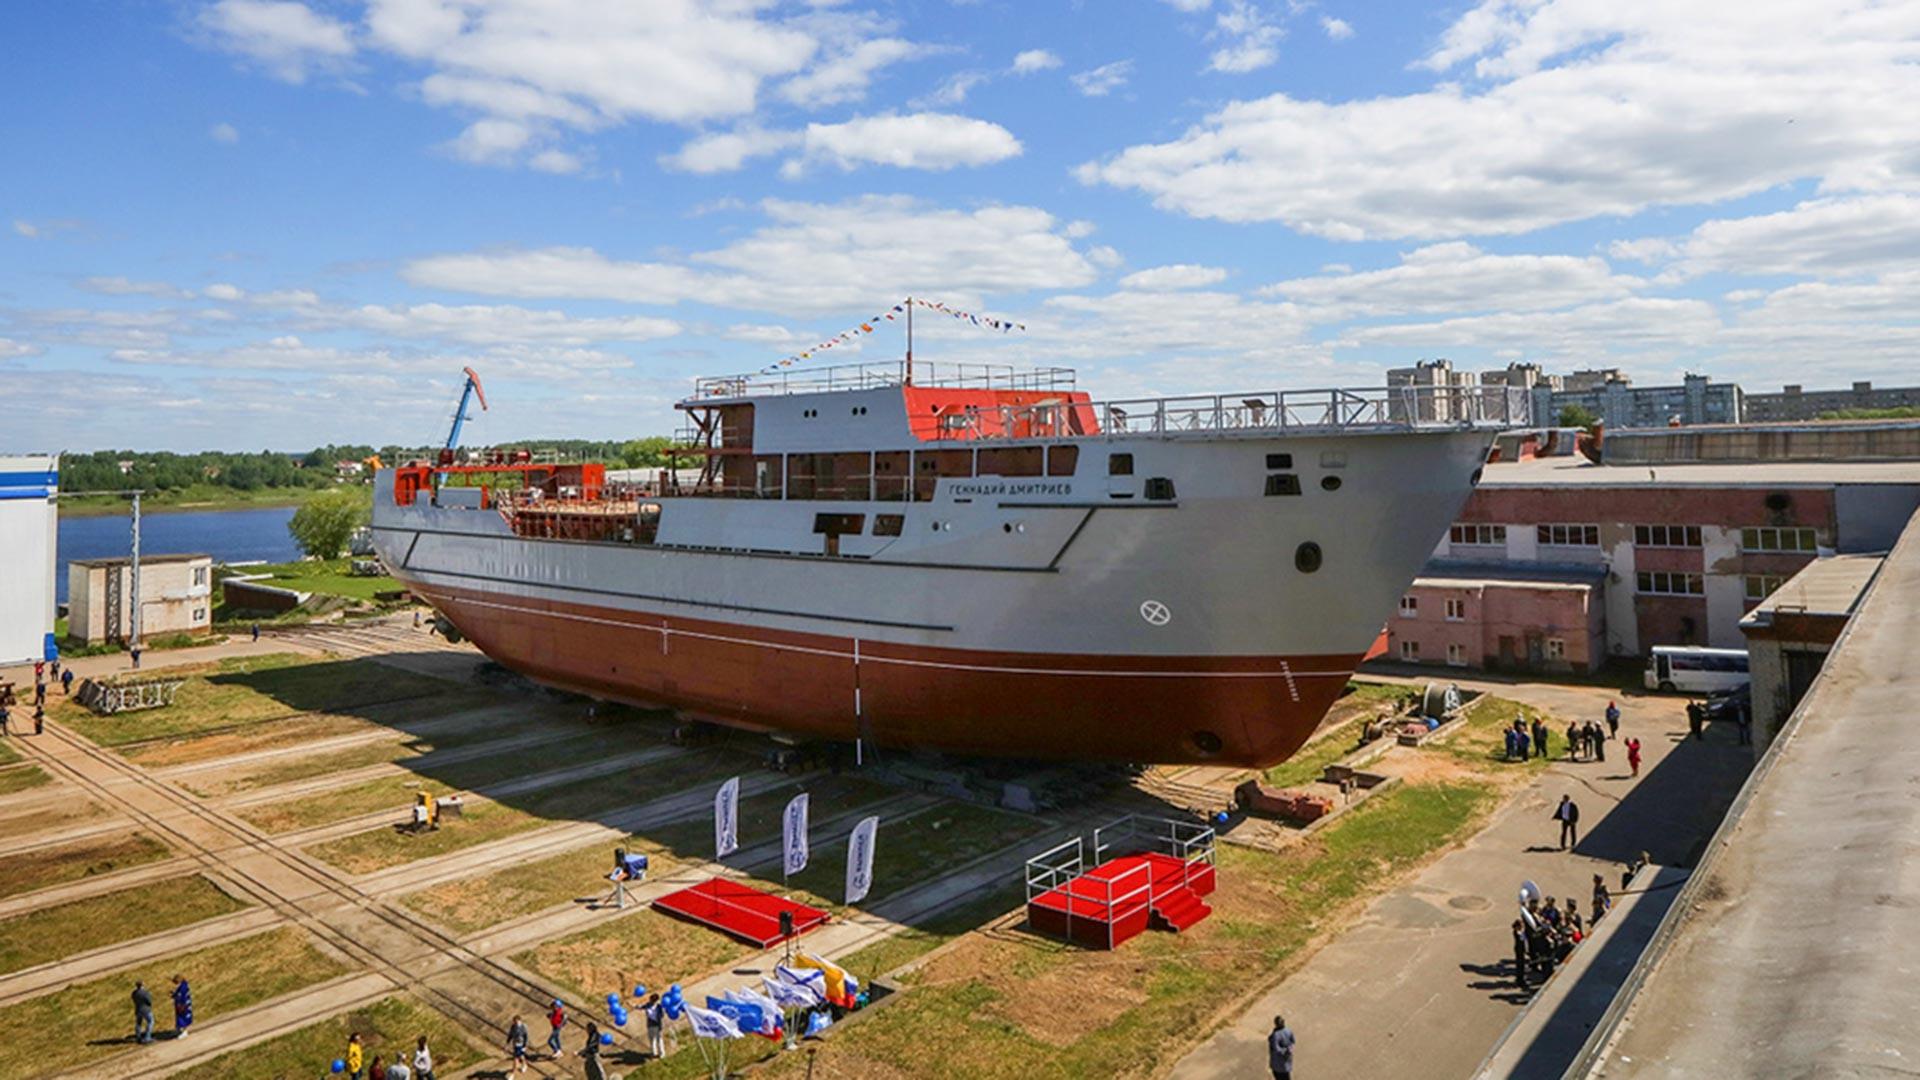 """У бродоградилишту """"Вимпел"""" 1. јуна је одржана церемонија спуштања на воду поморског транспорта наоружања – пројекат 20360М, фабричког броја 01551 """"Генадиј Дмитријев"""". То је највећи брод у историји предузећа. Тренутно тежина трупа брода износи 2.200 тона."""